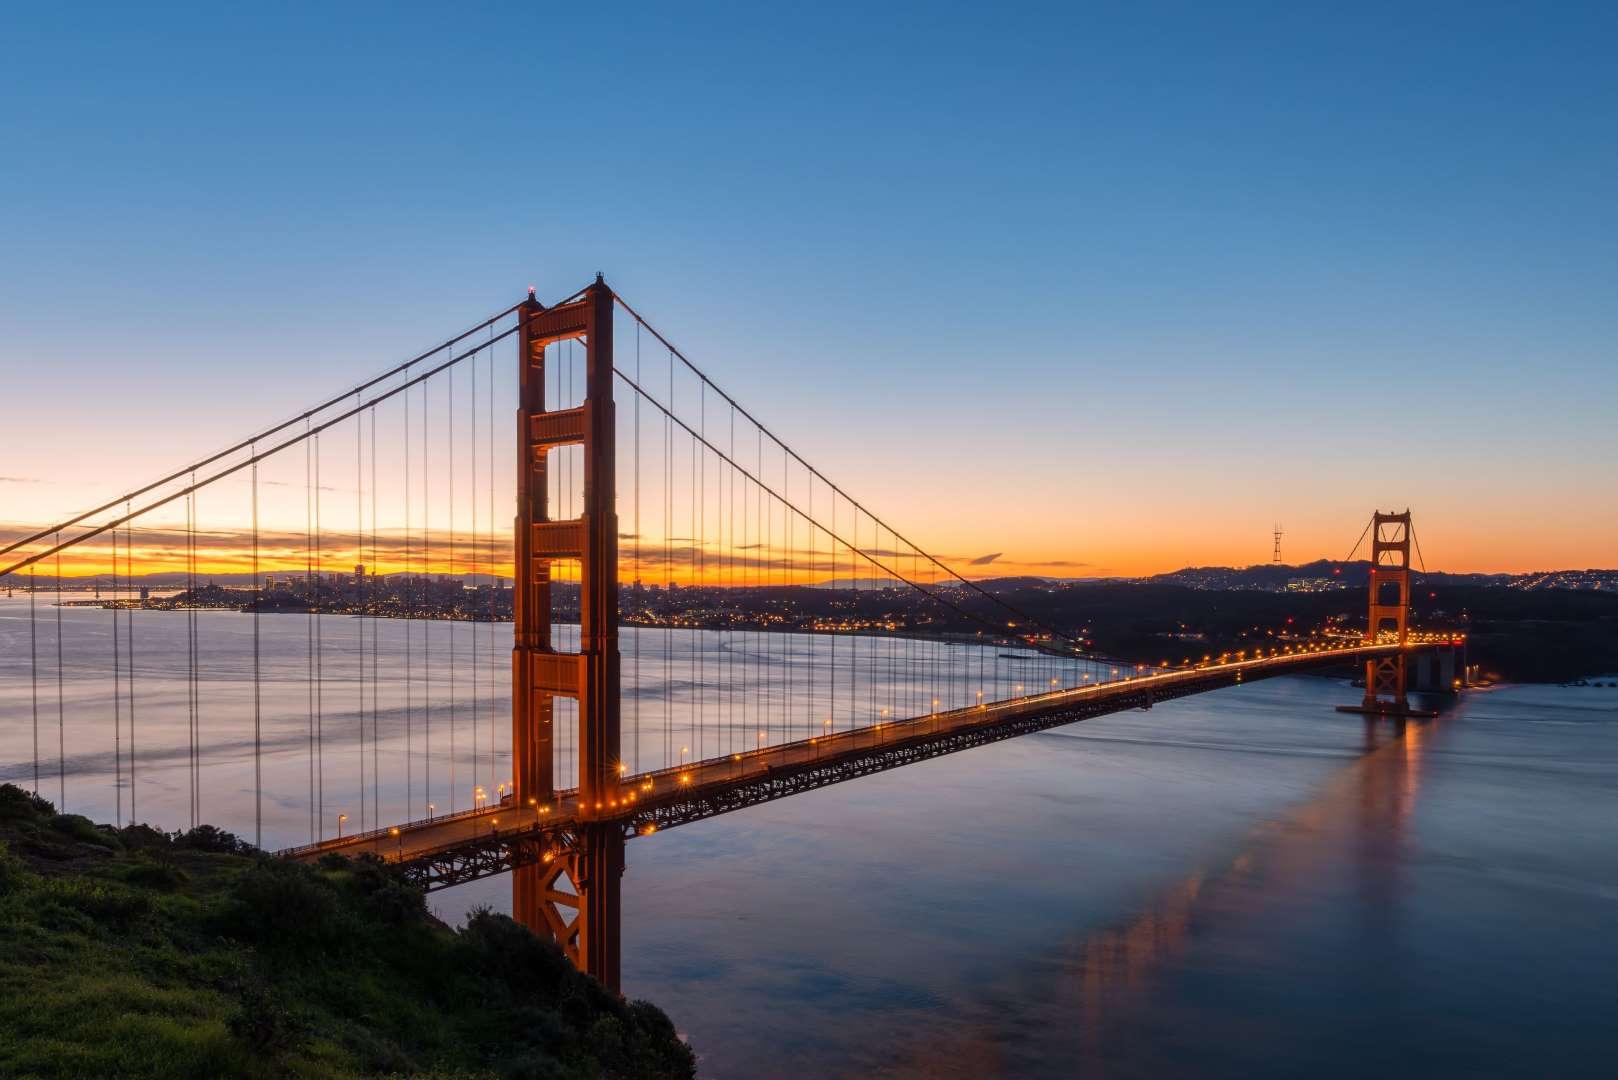 Οι 30 ομορφότερες πόλεις του κόσμου. Ποια ελληνική είναι στη λίστα!